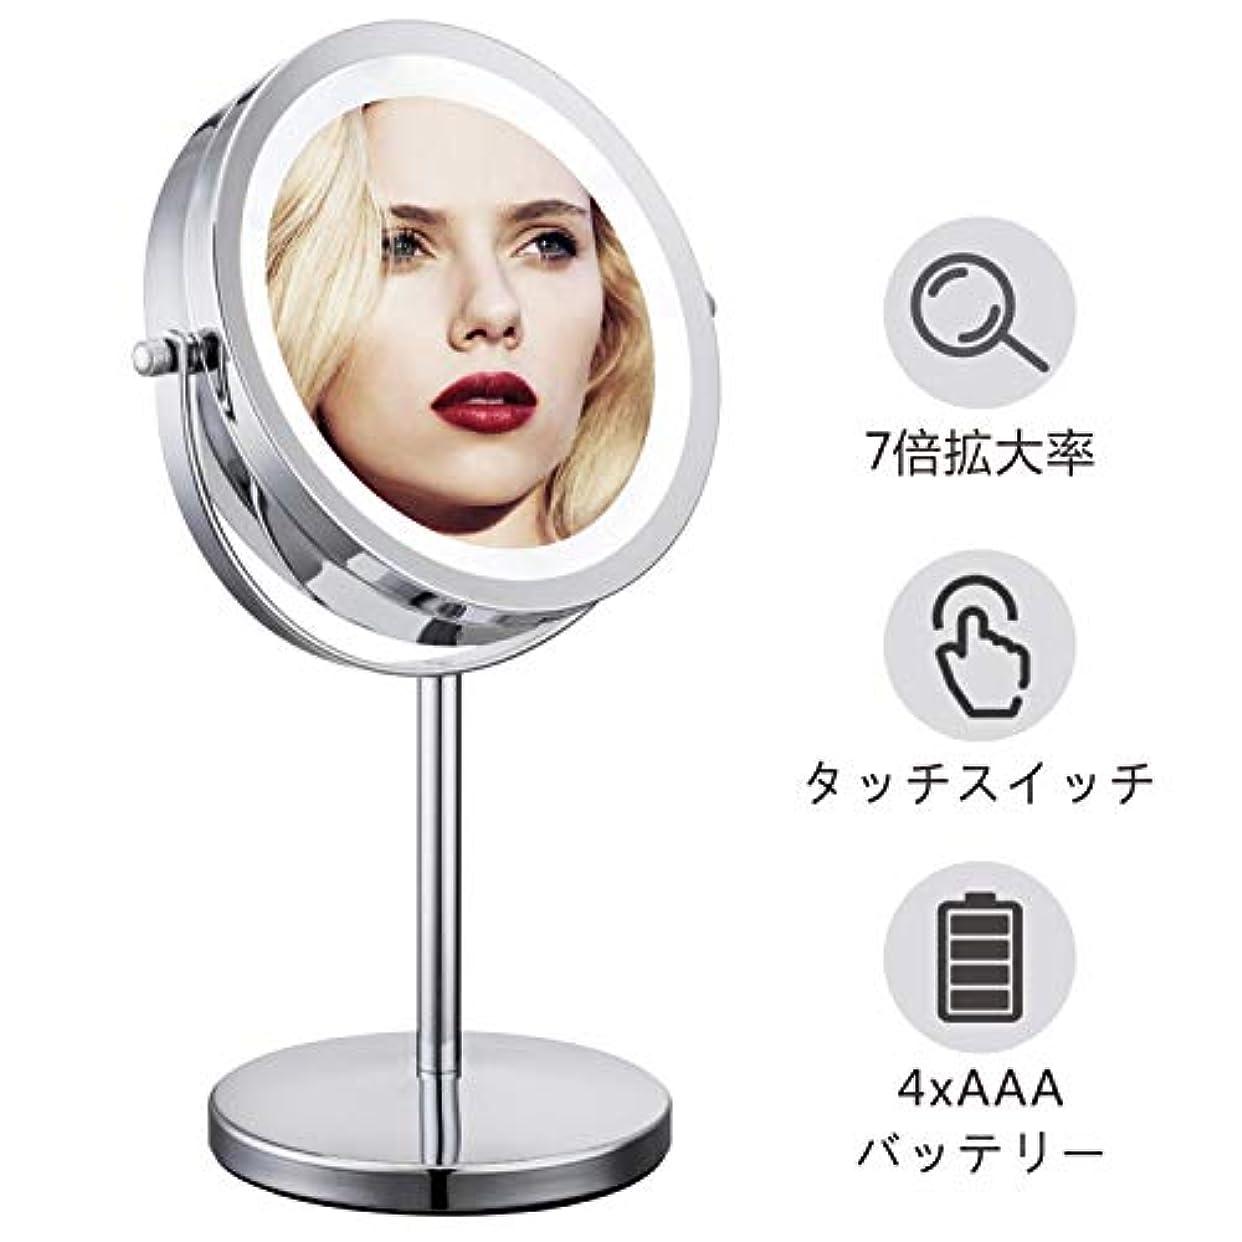 キャリア卑しい上級Minracler 化粧鏡 7倍拡大 卓上 化粧ミラー led両面鏡 明るさ調節可能 360度回転 (鏡面155mmΦ) 電池給電